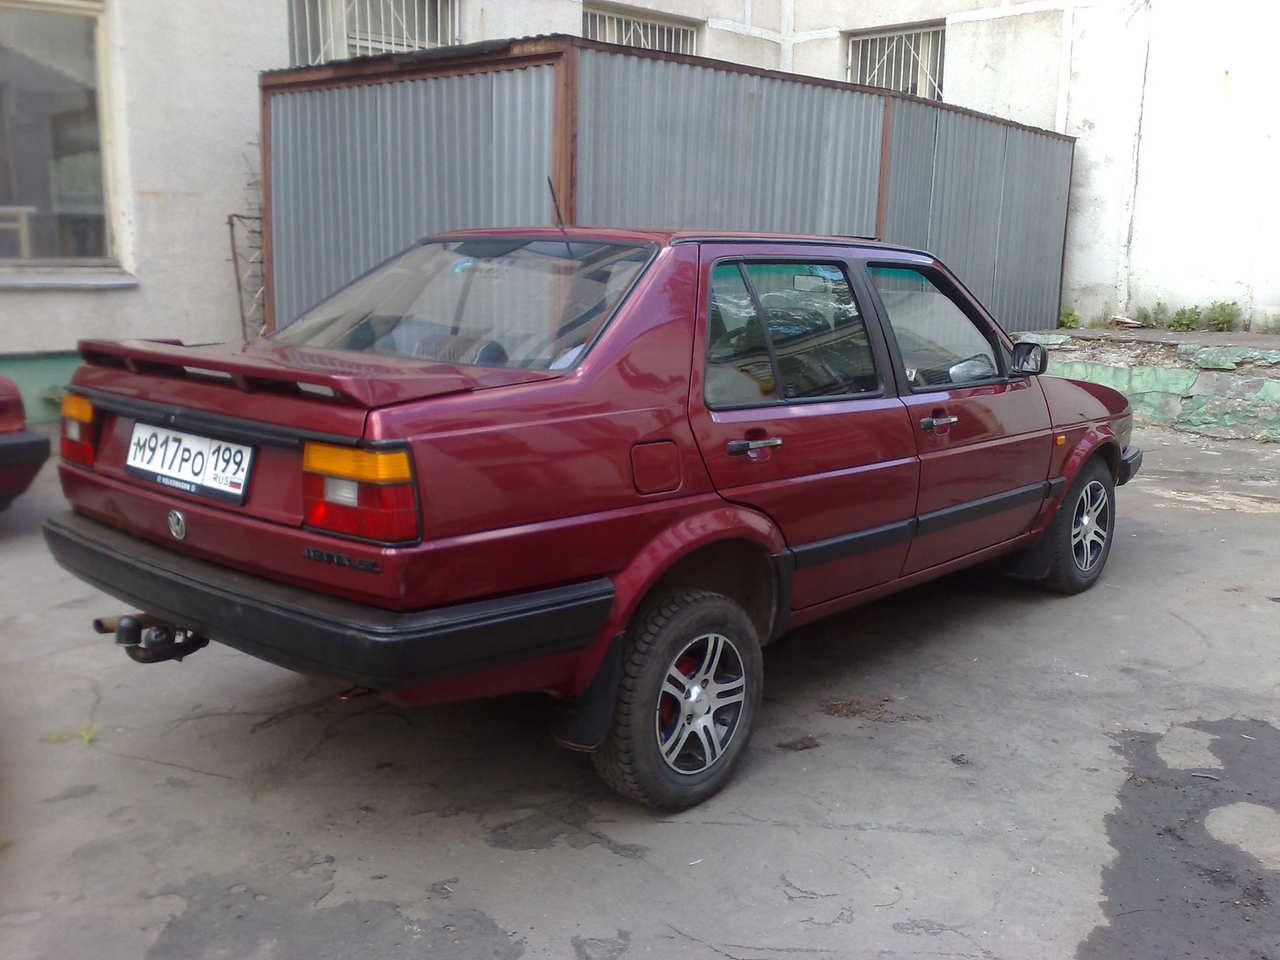 Used 1989 Volkswagen Jetta Photos 1760cc Gasoline Ff